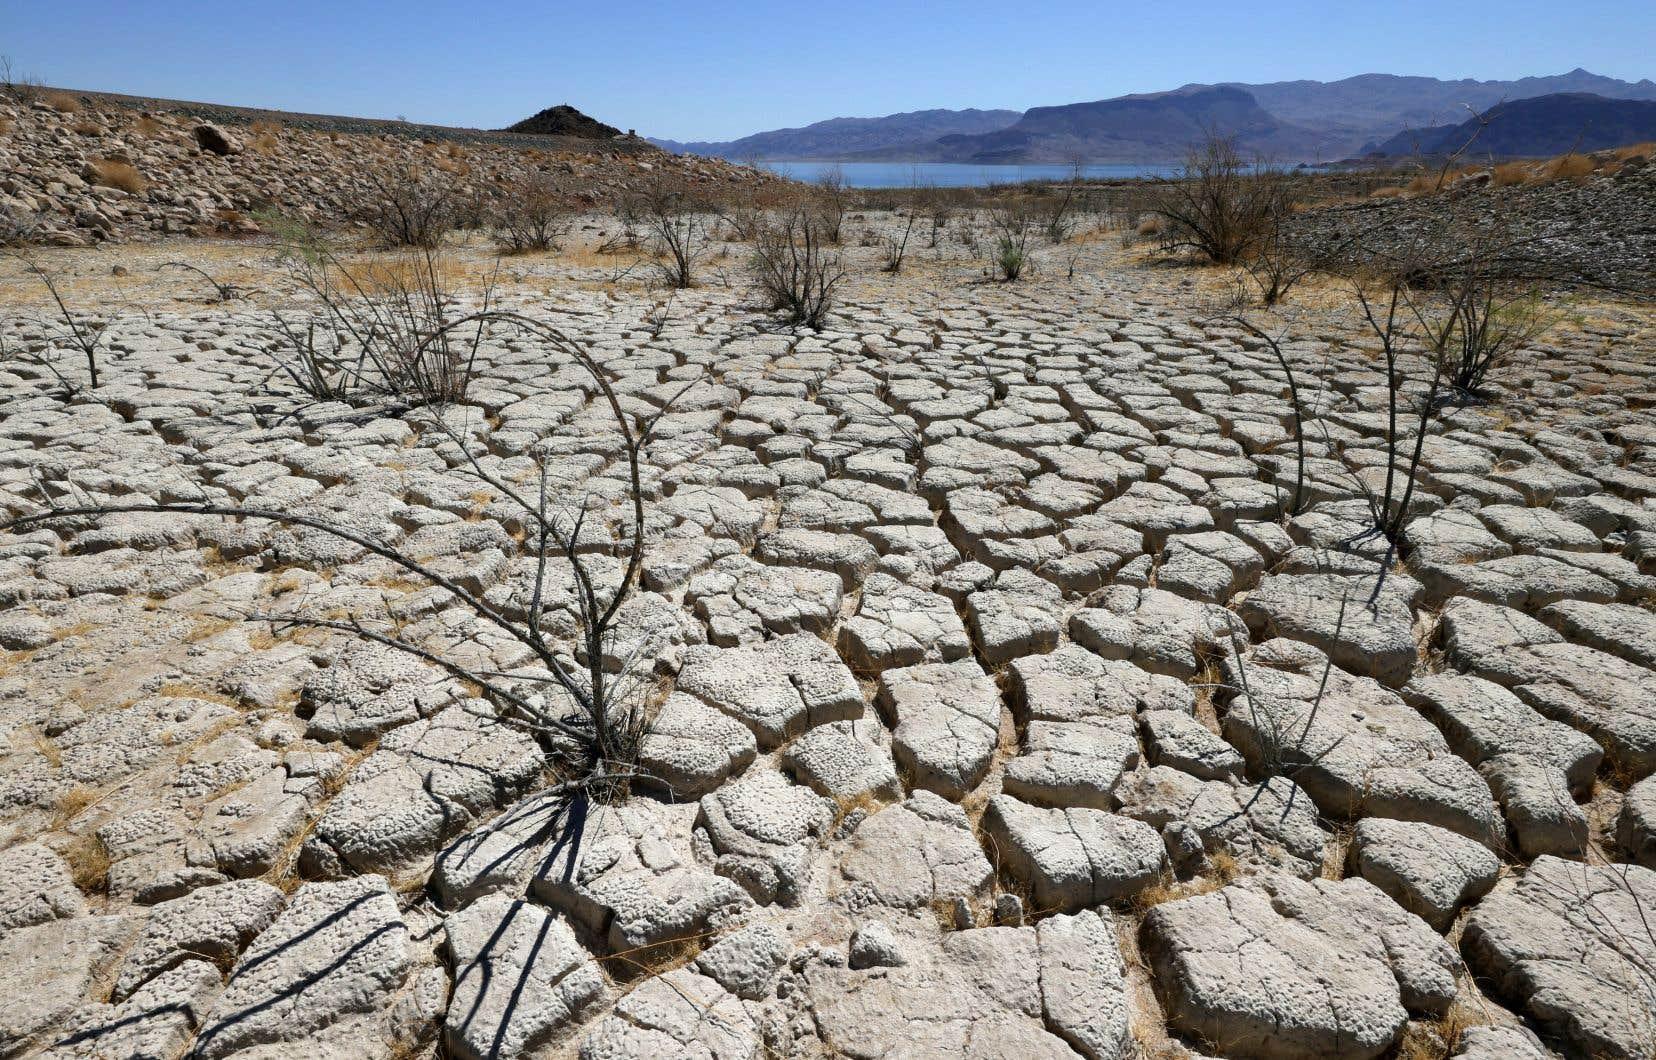 Les pays du G7 ont promis d'accélérer la lutte contre la crise climatique, au moment où une sécheresse majeure frappe l'Ouest américain, comme ici, dans le Nevada.